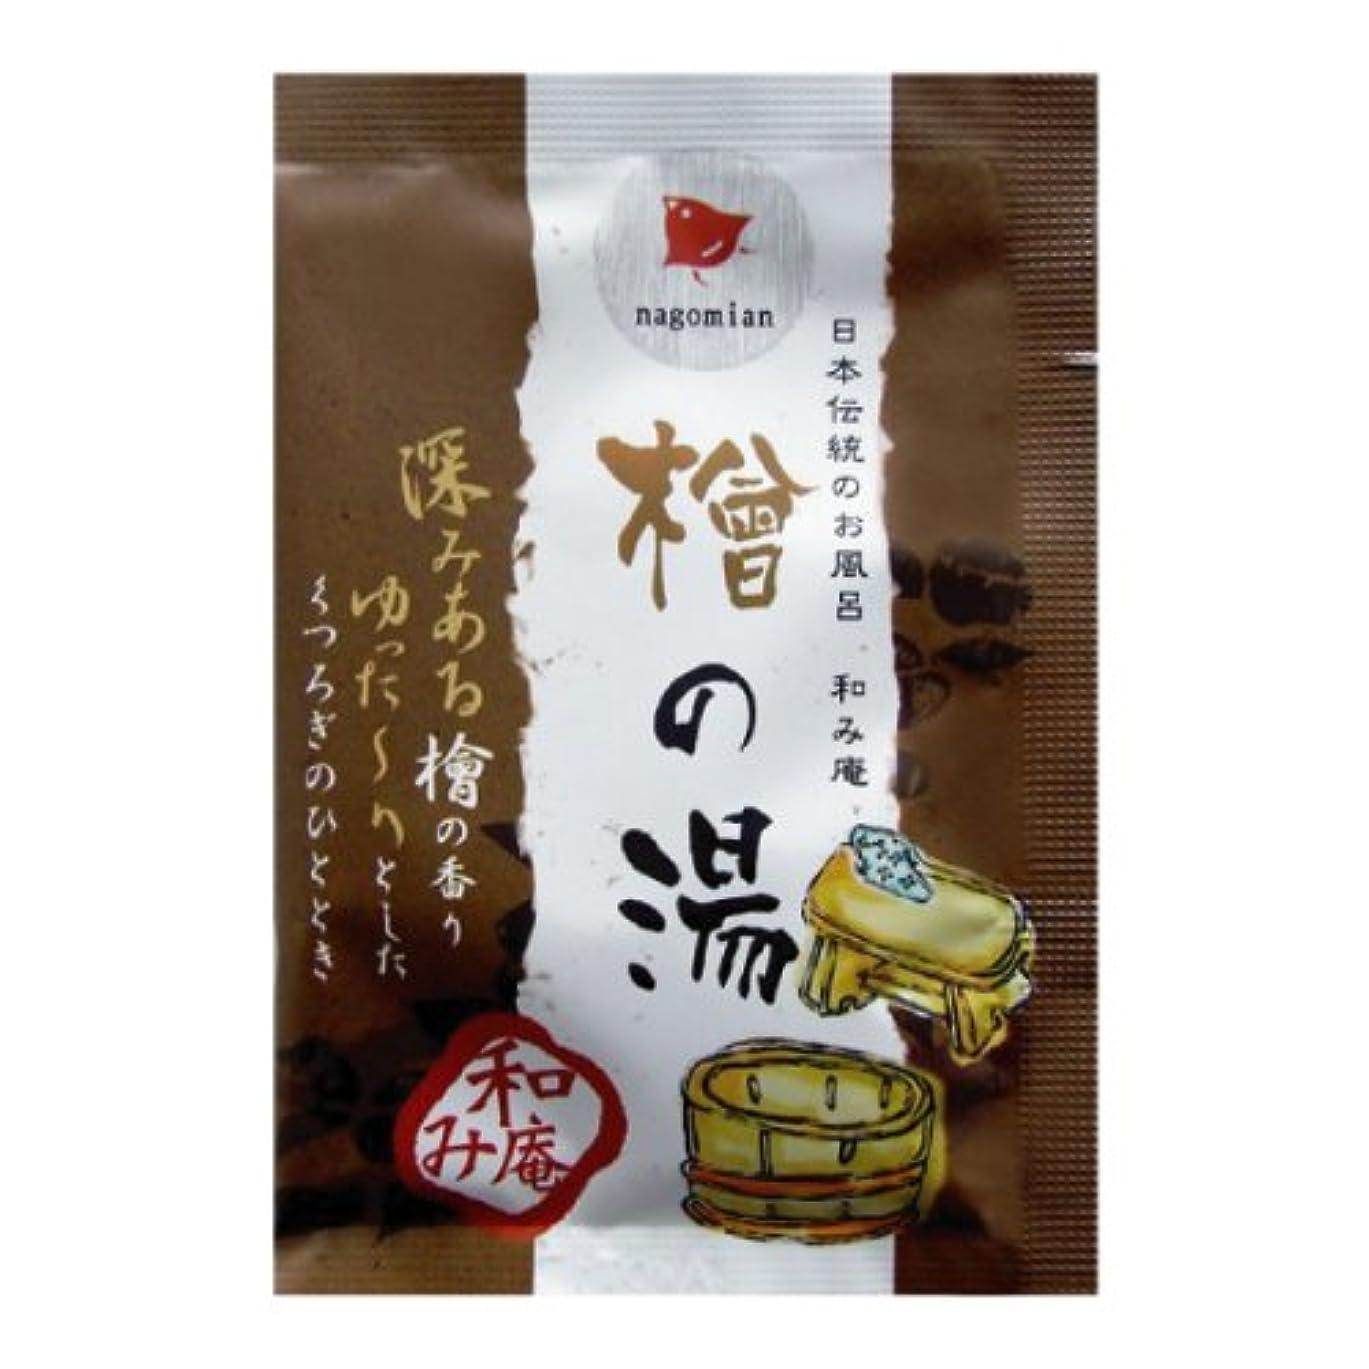 コンテンツ会員サーカス日本伝統のお風呂 和み庵 檜の湯 200包